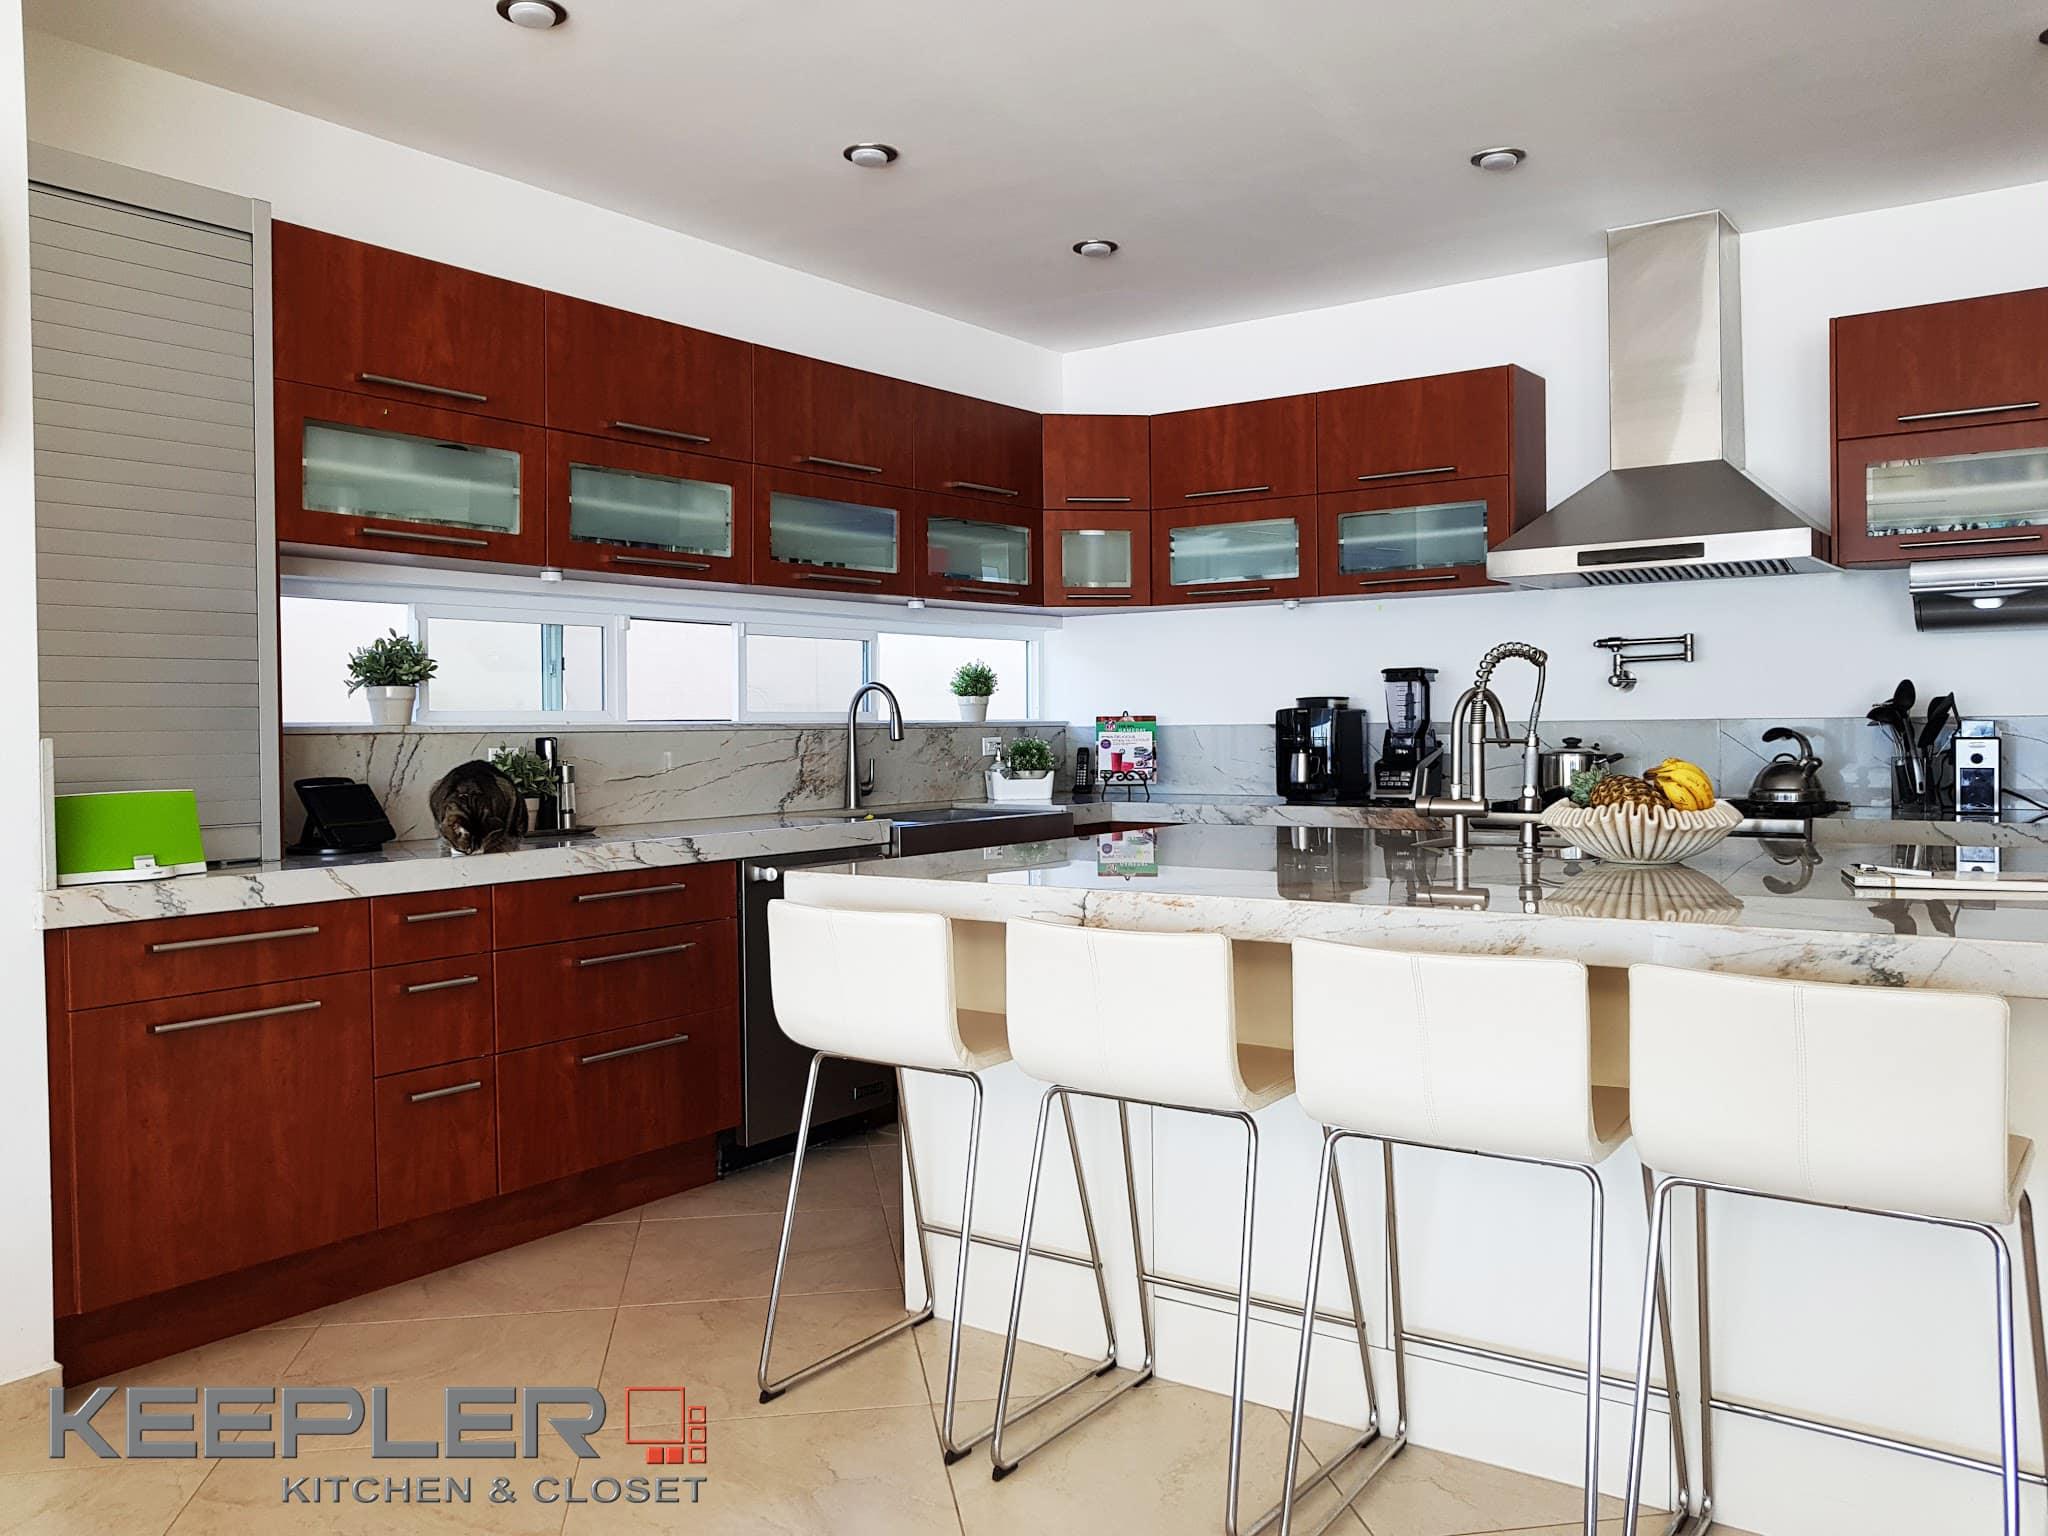 Portafolio keepler cocinas integrales y closets for Closet armables economicos